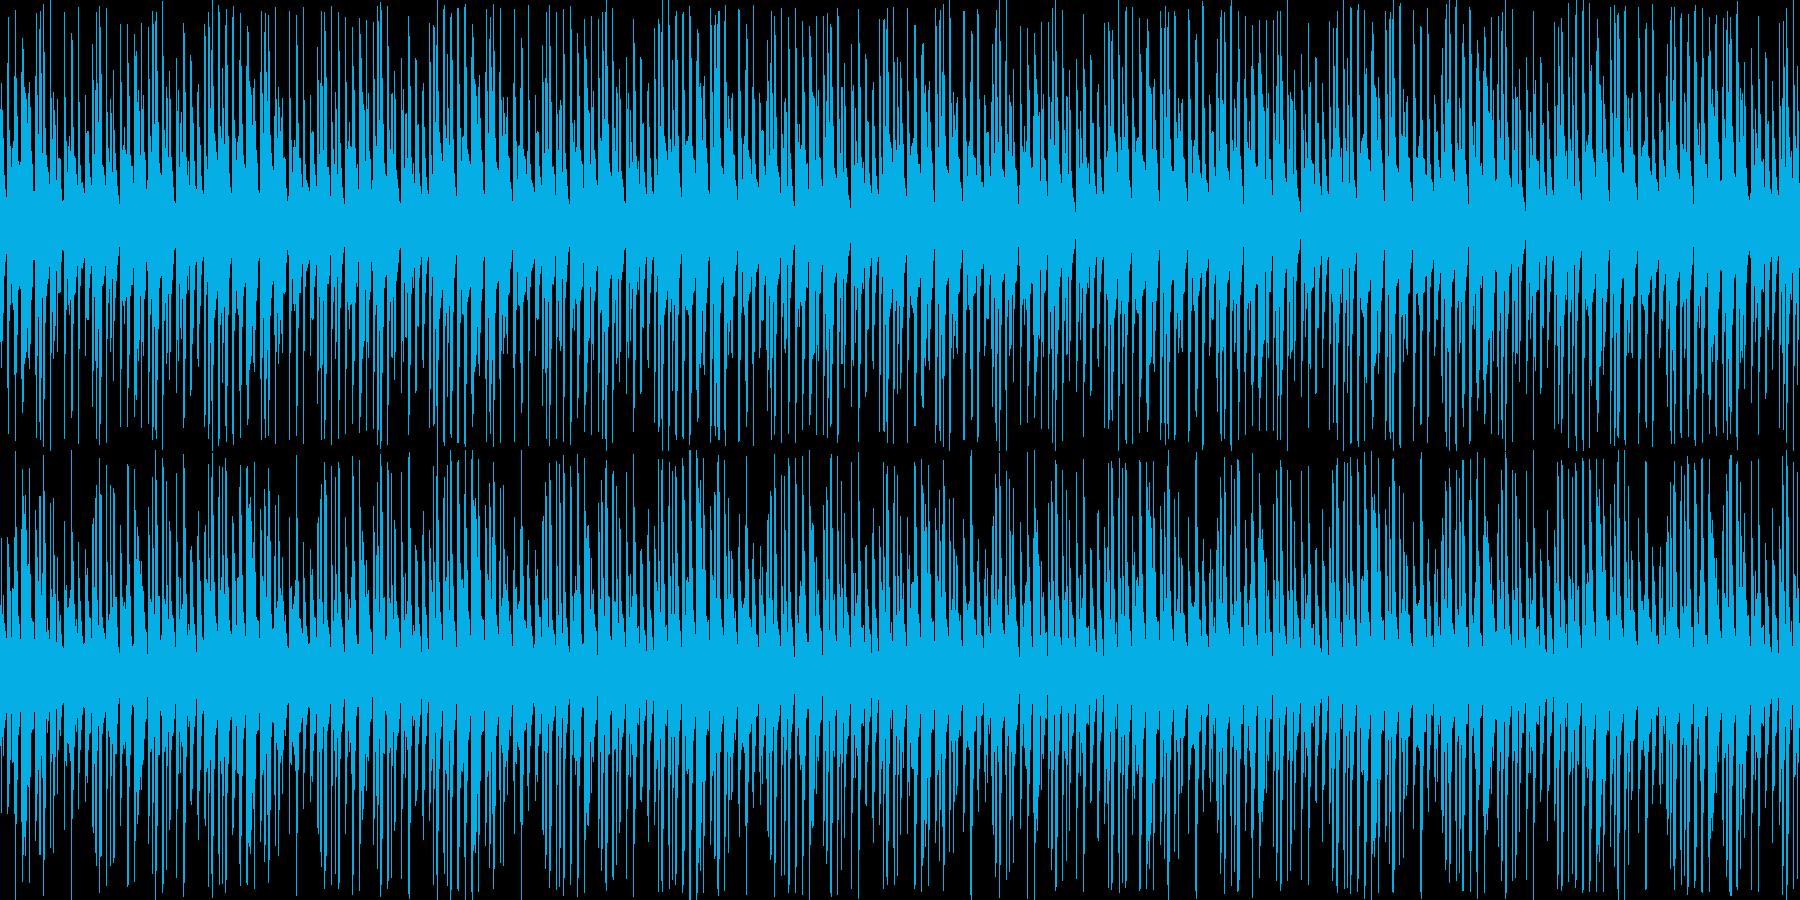 【ポップで可愛いクラブサウンド】の再生済みの波形